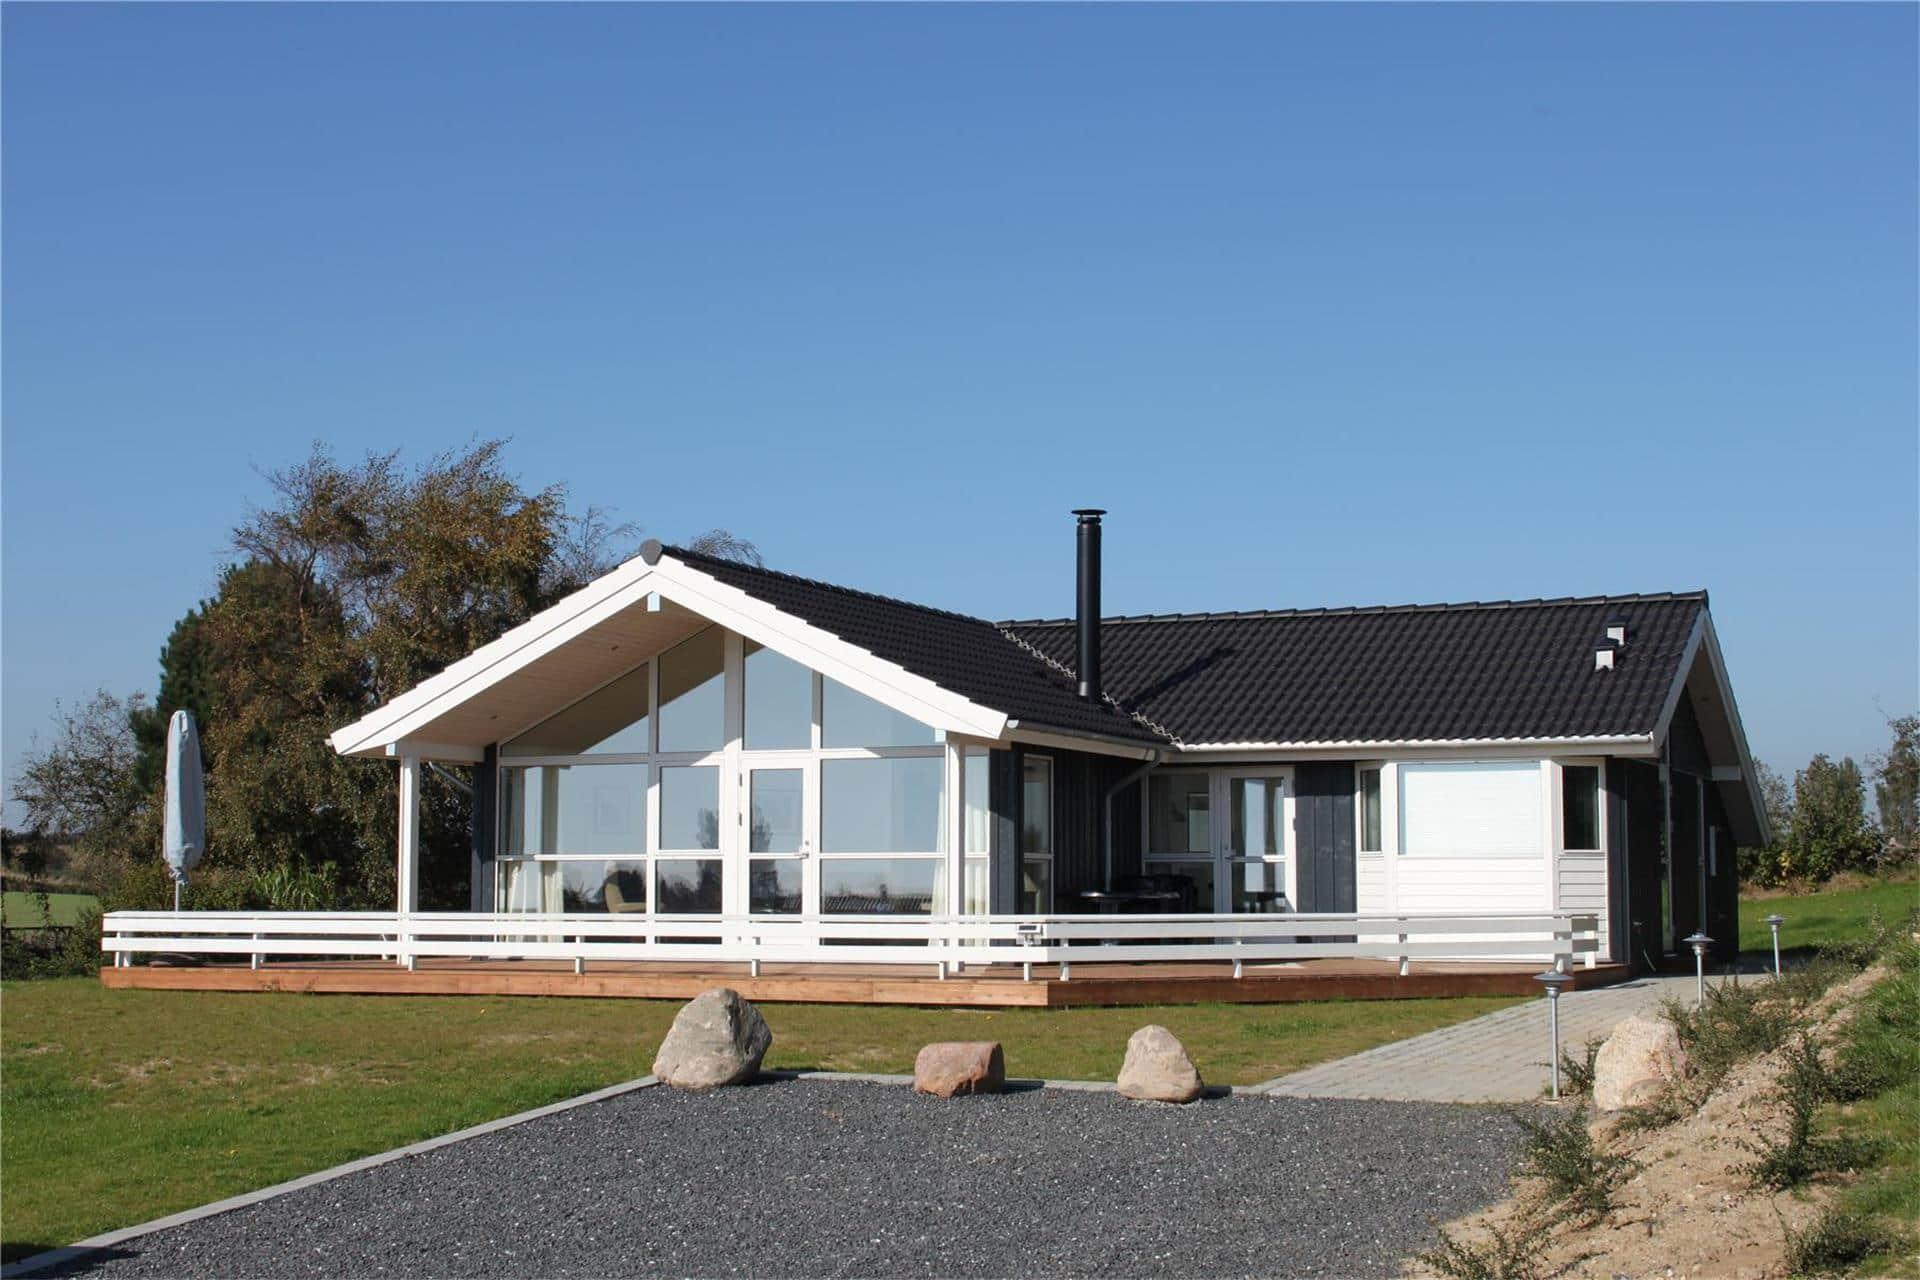 Afbeelding 1-3 Vakantiehuis M65274, Poppelvænget 14, DK - 5631 Ebberup